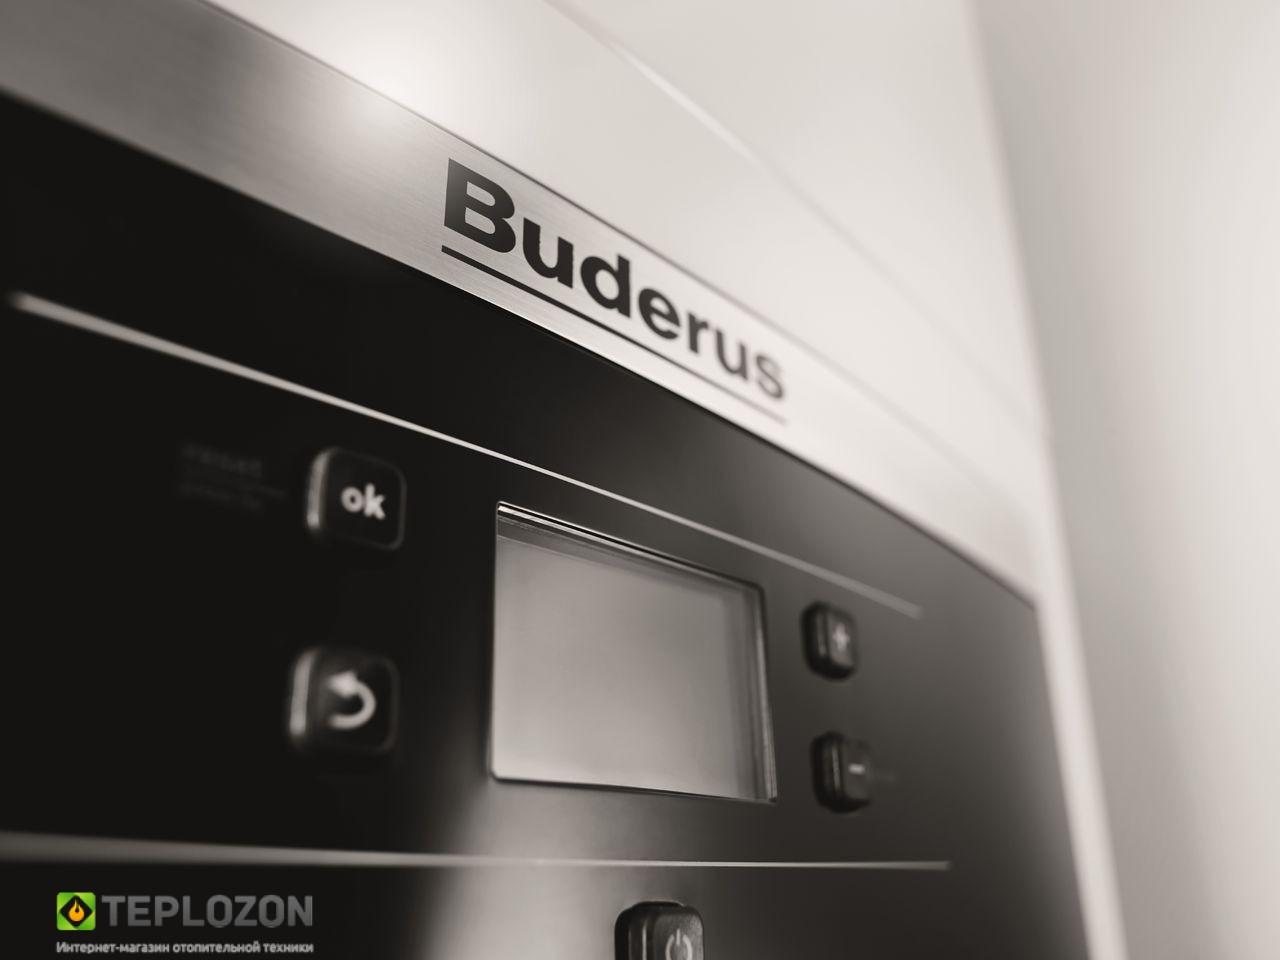 Buderus Logamax U072 24 настінний газовий котел - 1